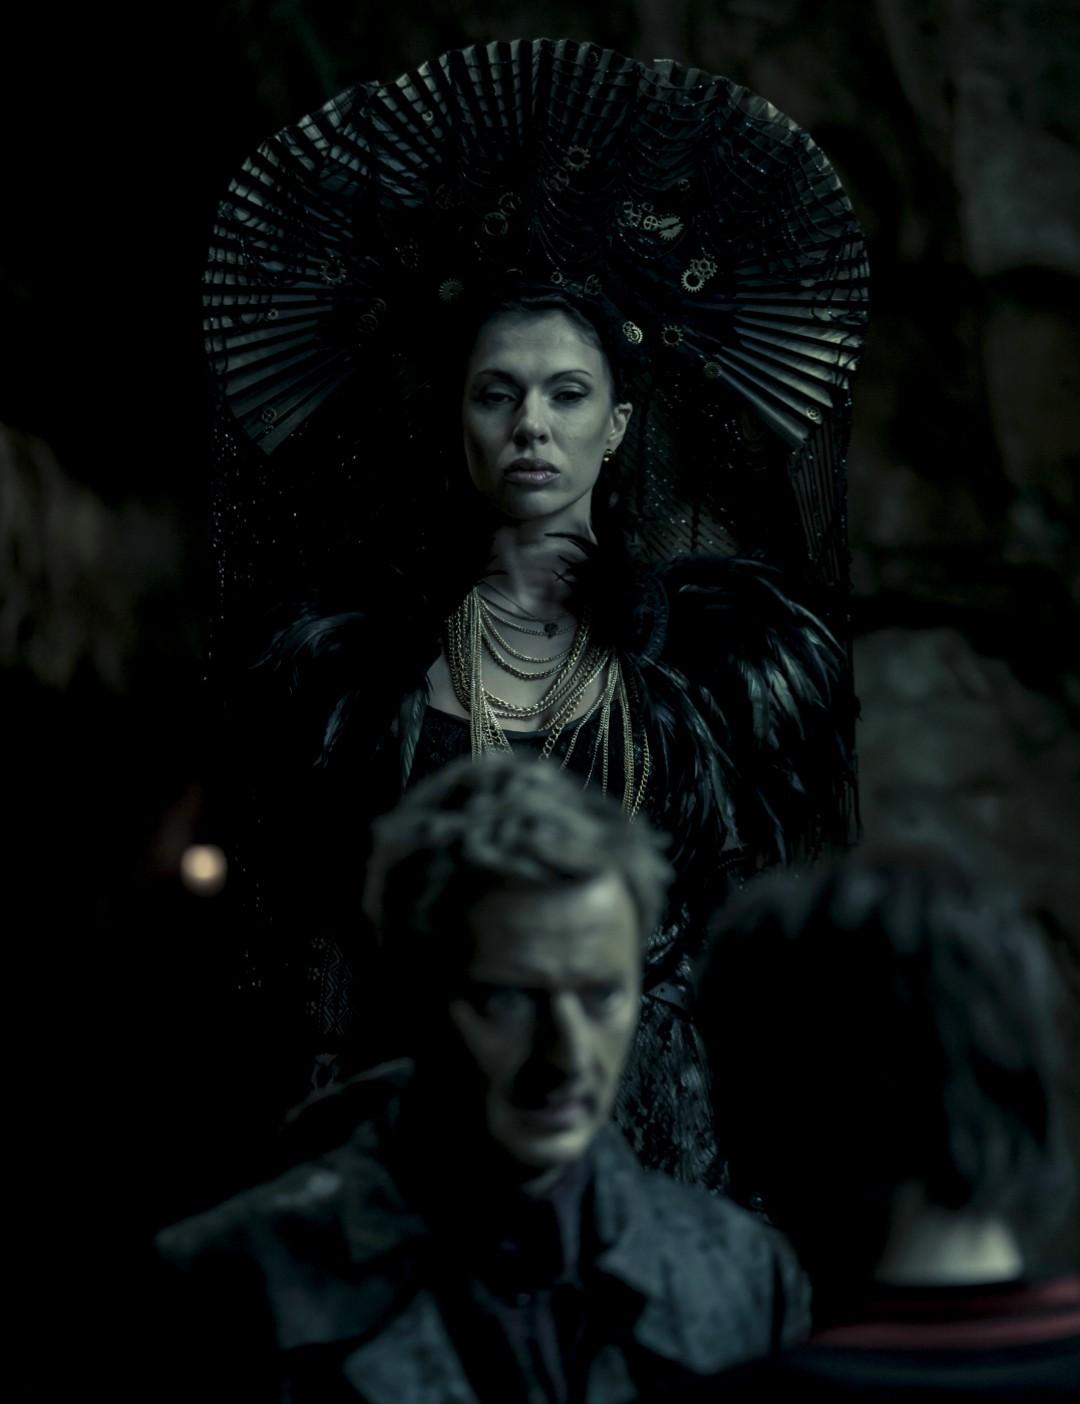 Die Vampirschwestern 3 - Bild 16 von 25